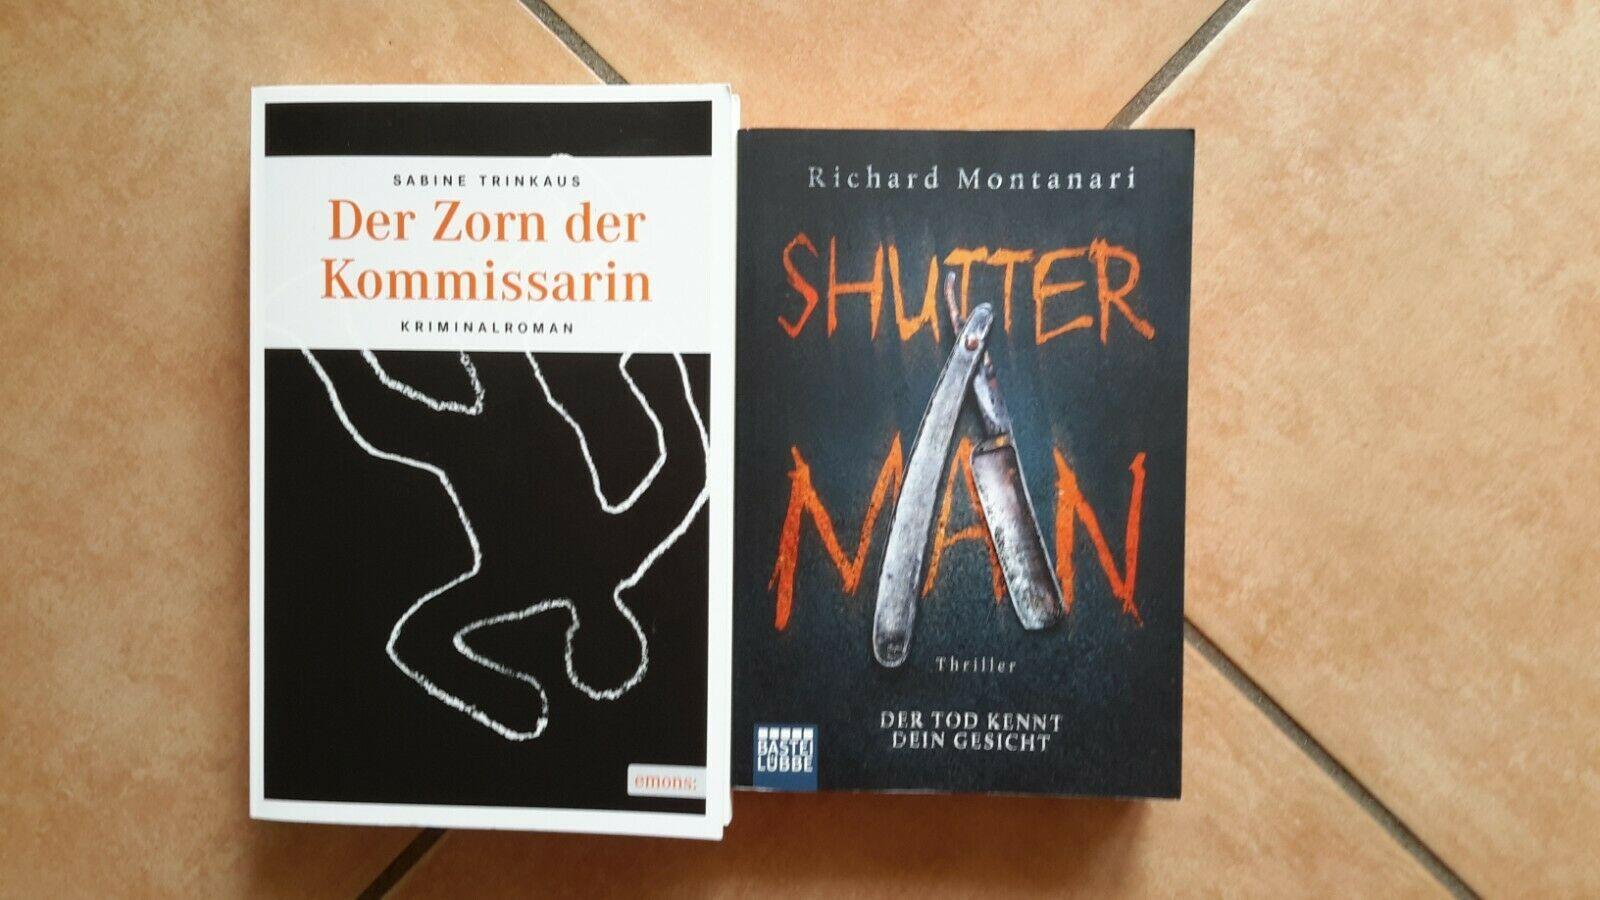 2x Krimi Thriller Tb 1 Der Zorn Der Kommissarin 2014 2 Shutter Man 2017 V 2020 G